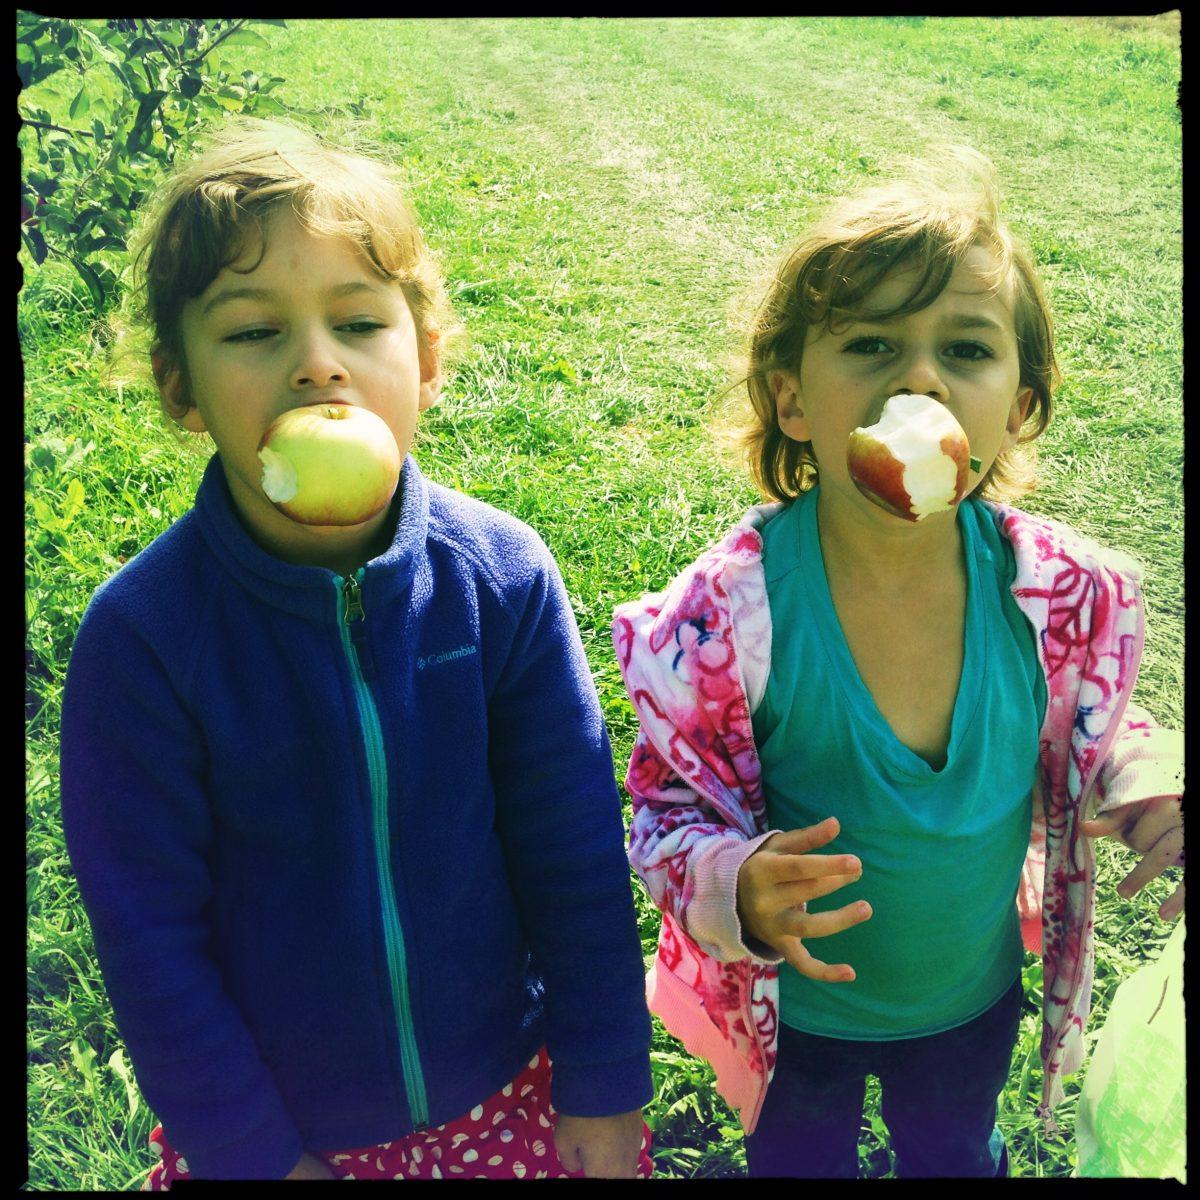 img of apple picking